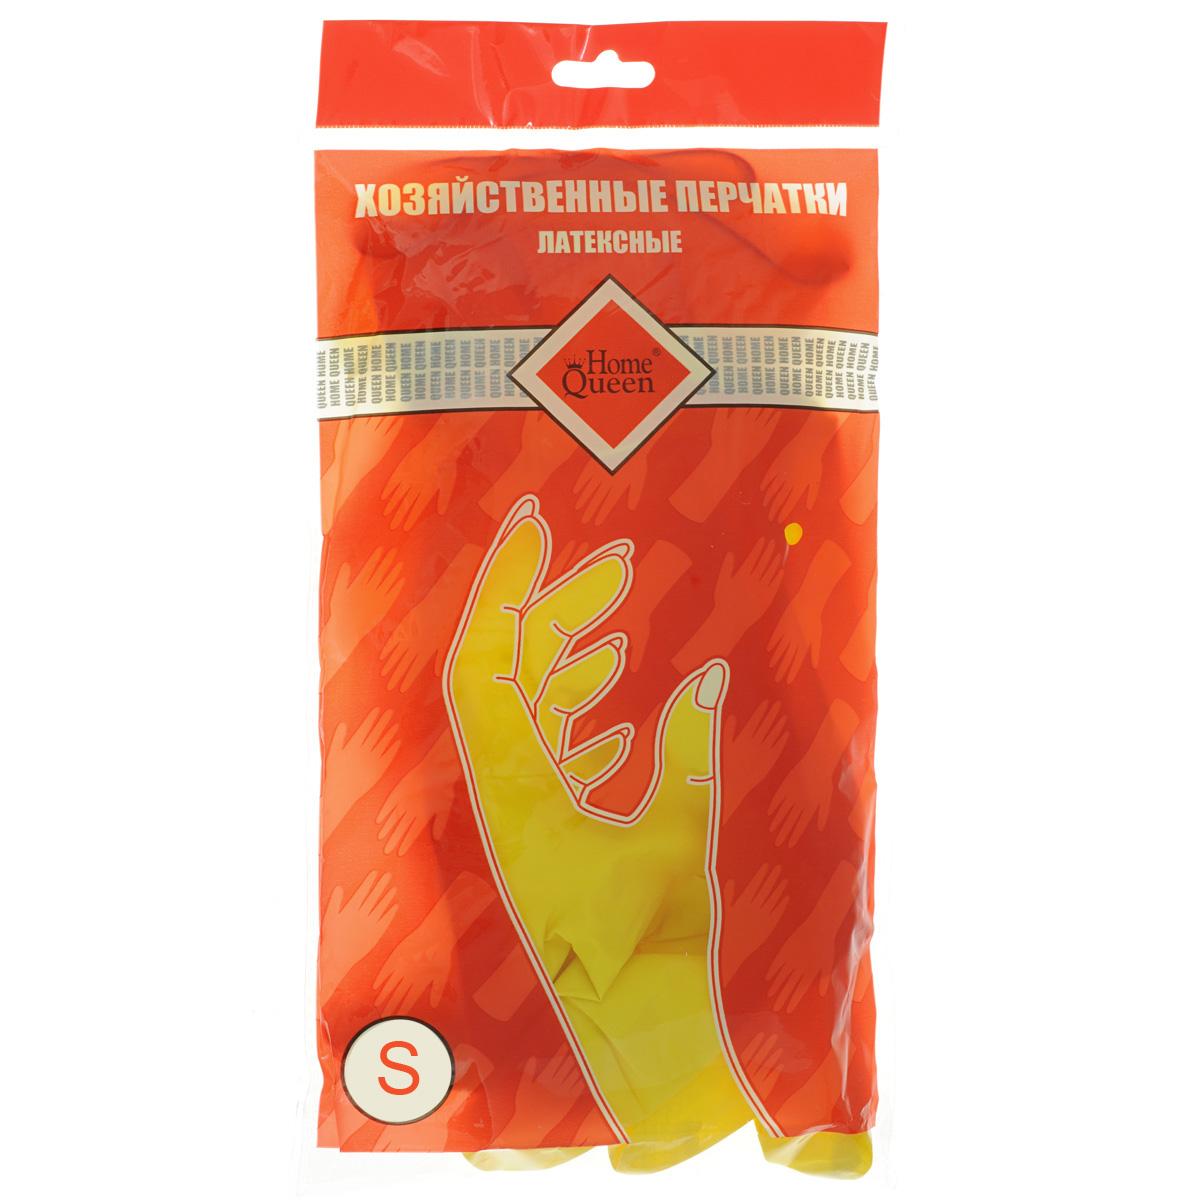 Перчатки латексные Home Queen. Размер S57133Перчатки Home Queen защитят ваши руки от воздействия бытовой химии и грязи. Подойдут для всех видов хозяйственных работ. Выполнены из латекса.